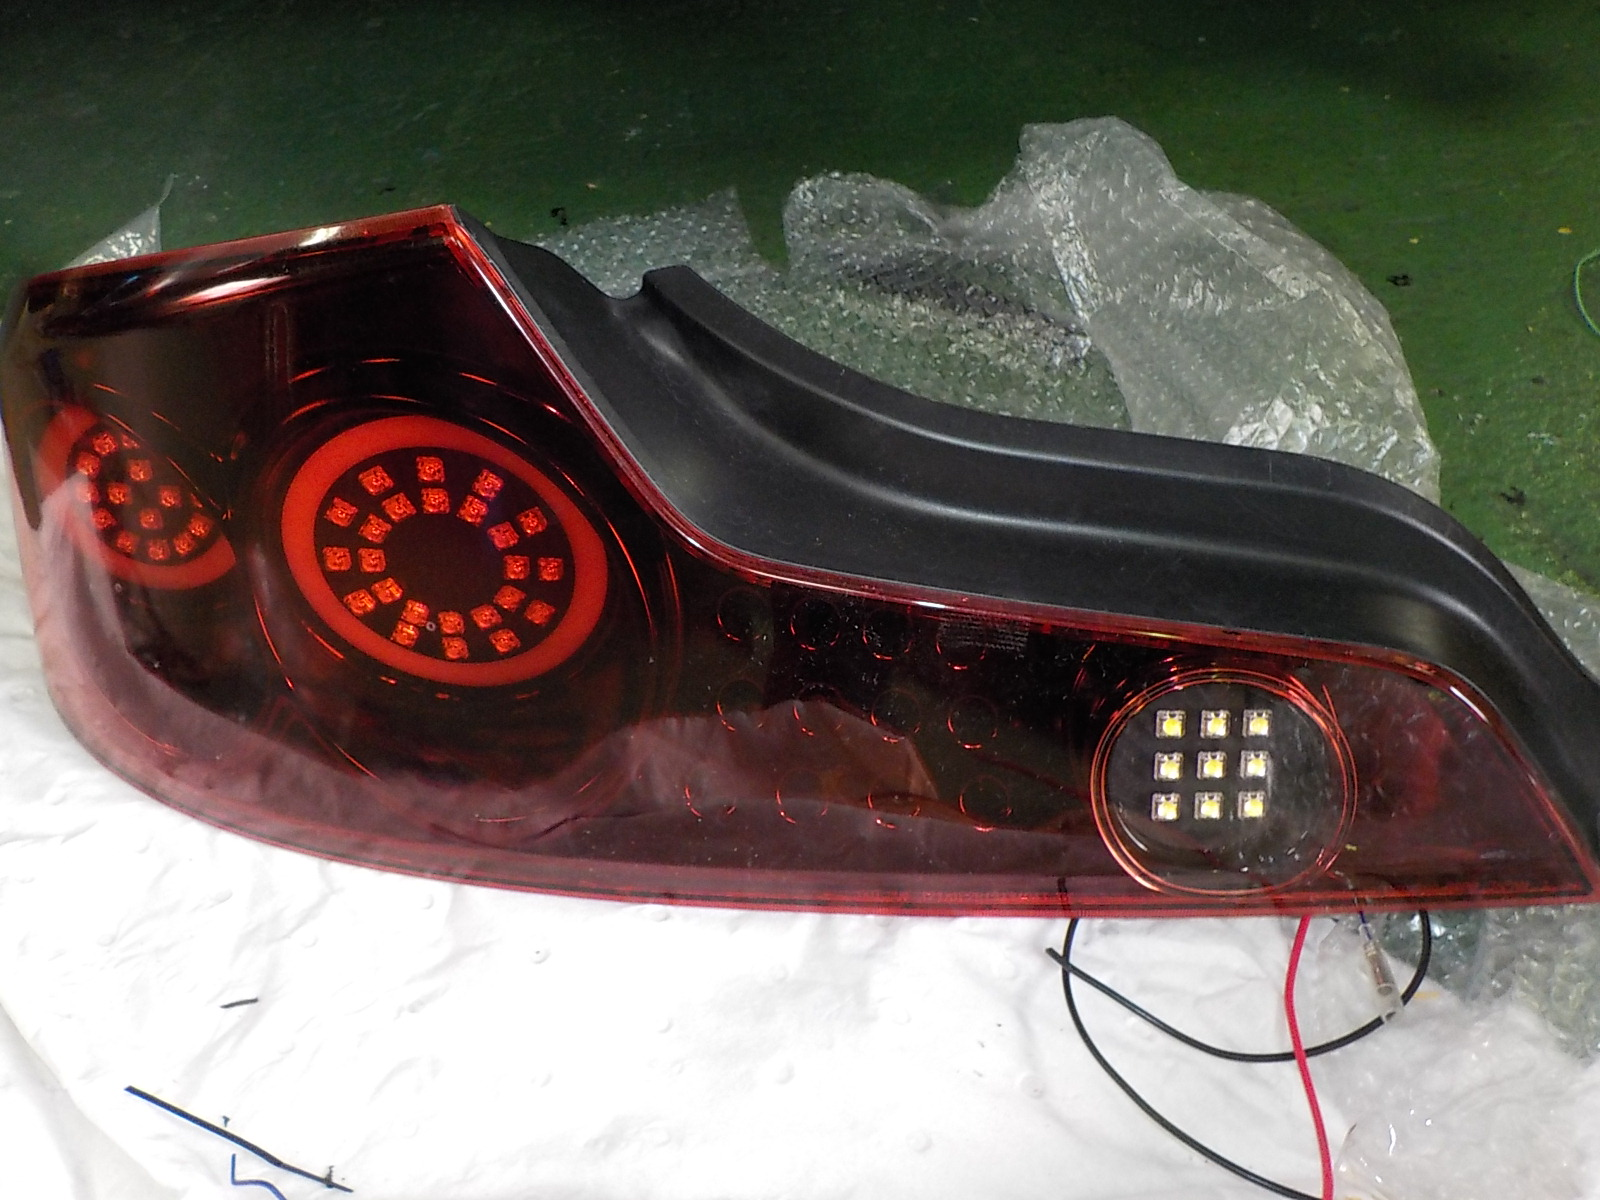 V35 LED加工テールレンズ交換